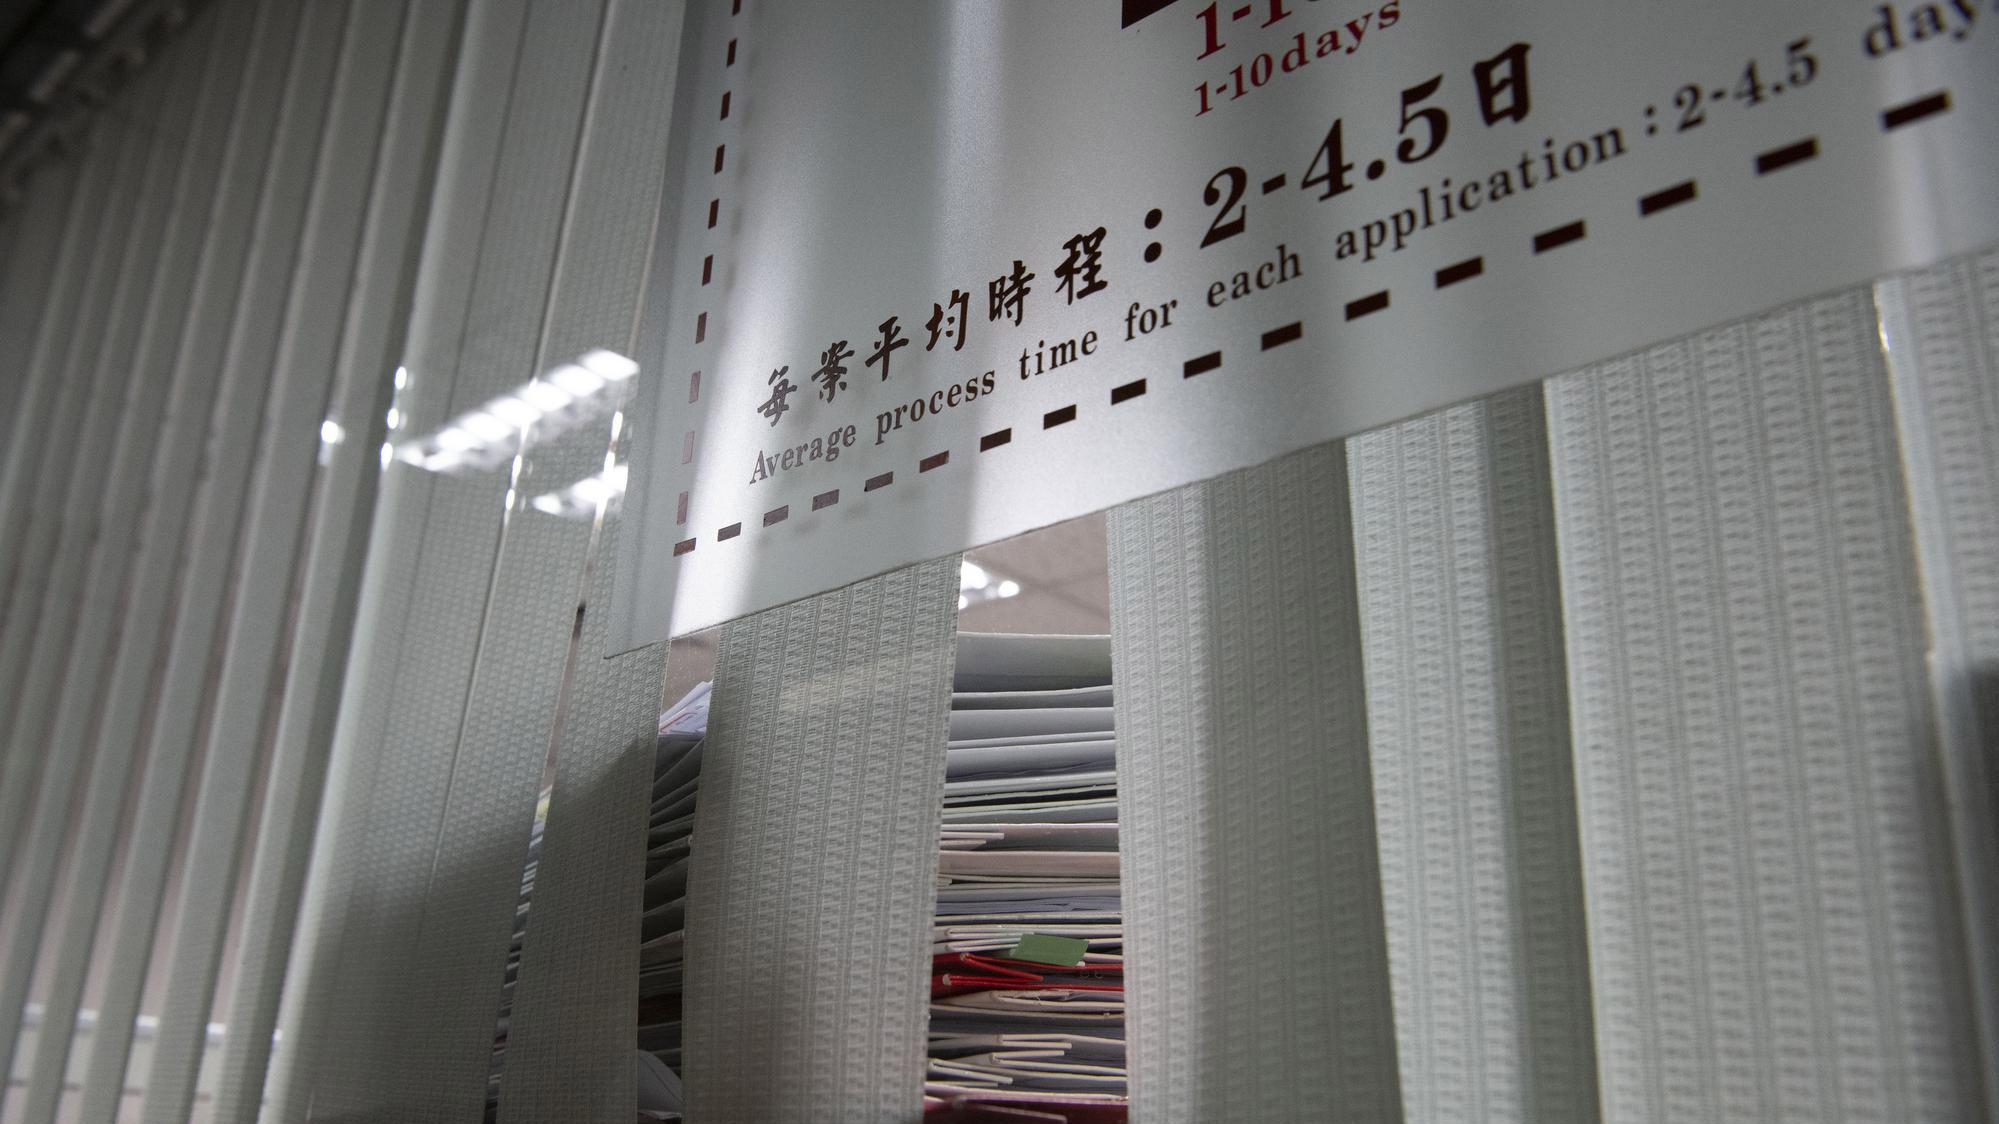 台湾经济部投审会负责港澳地区投资审查的第三组办公室内,投资案待审文件堆积如山。(摄影/杨子磊)